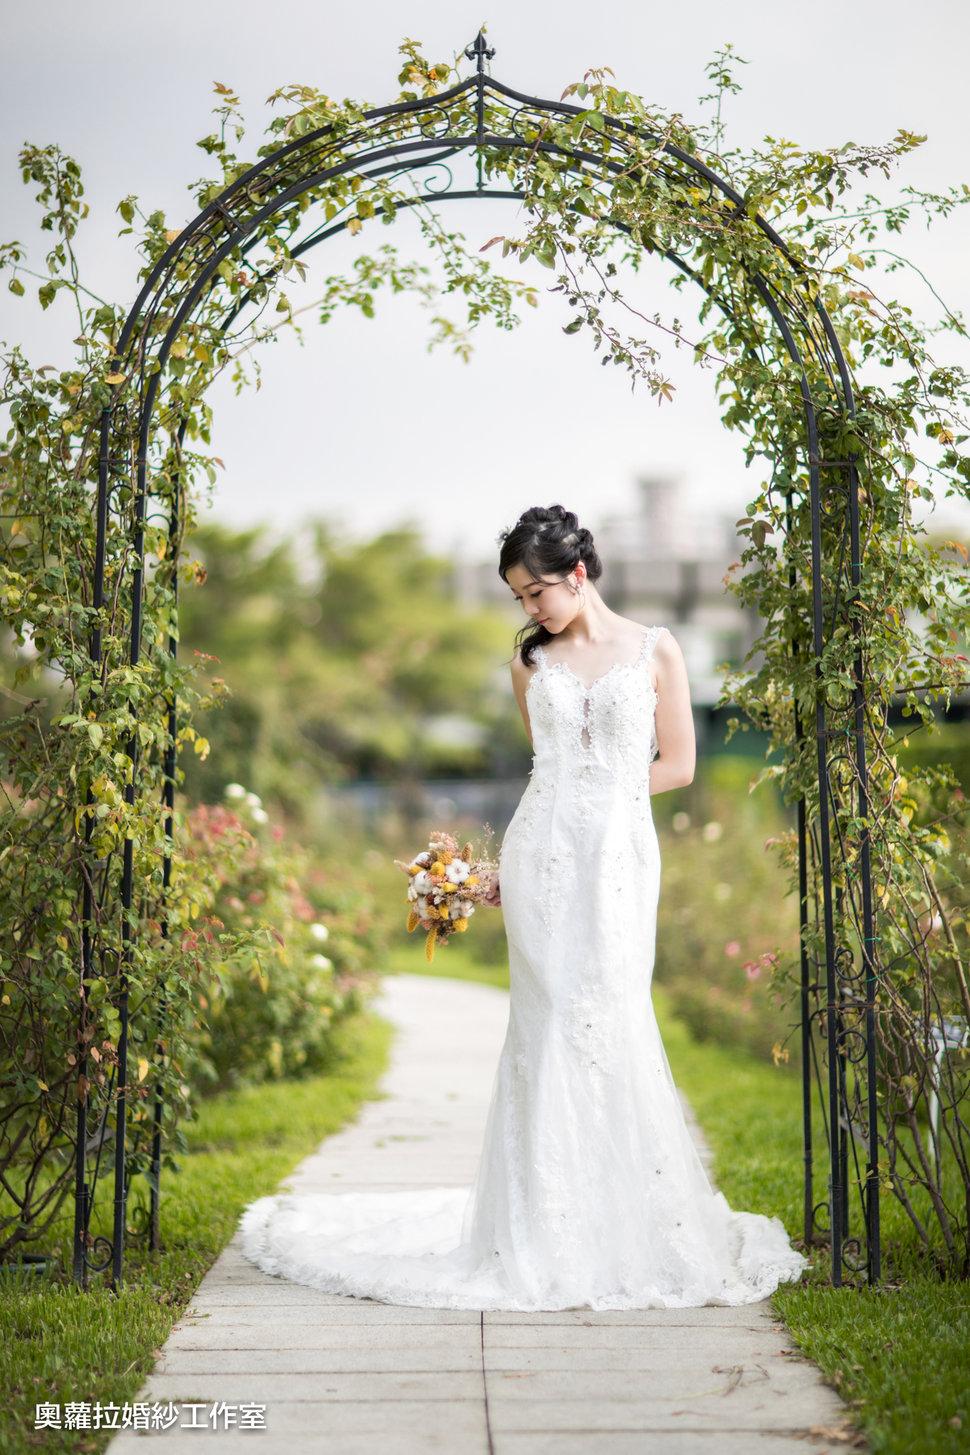 奧蘿拉婚紗工作室-46 - 奧蘿拉自助婚紗工作室《結婚吧》